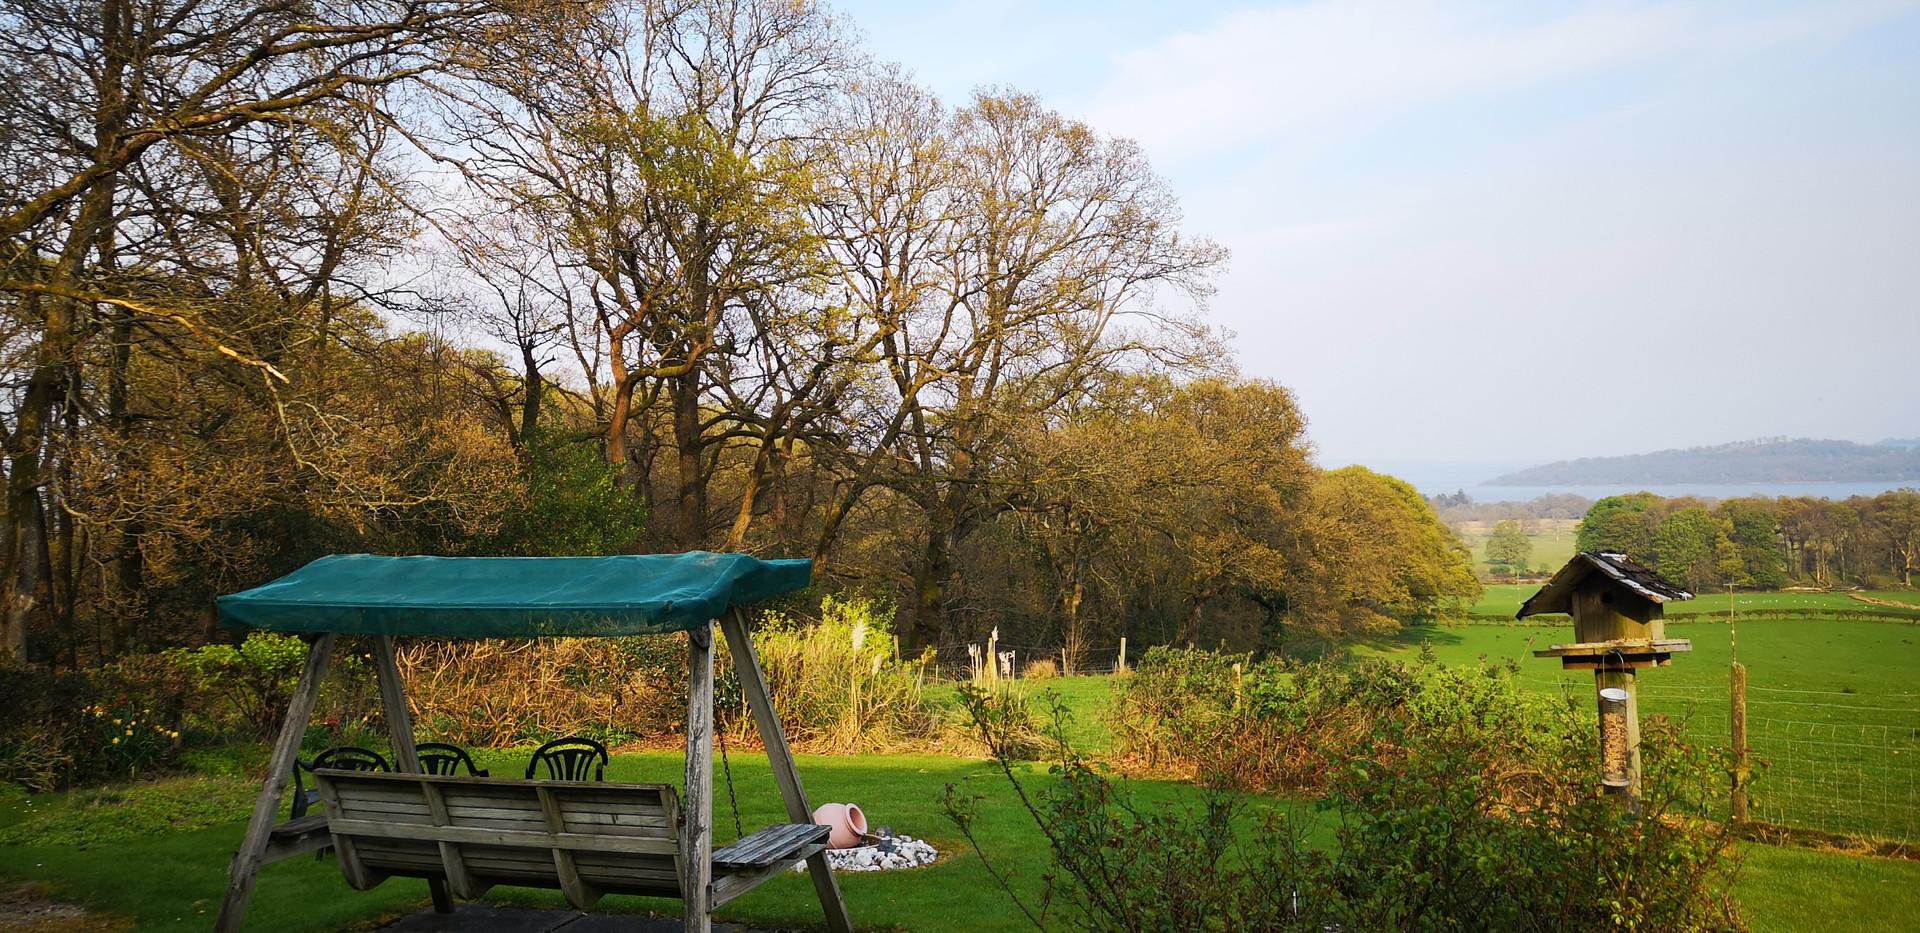 Garden swing seat looking towards loch lomond